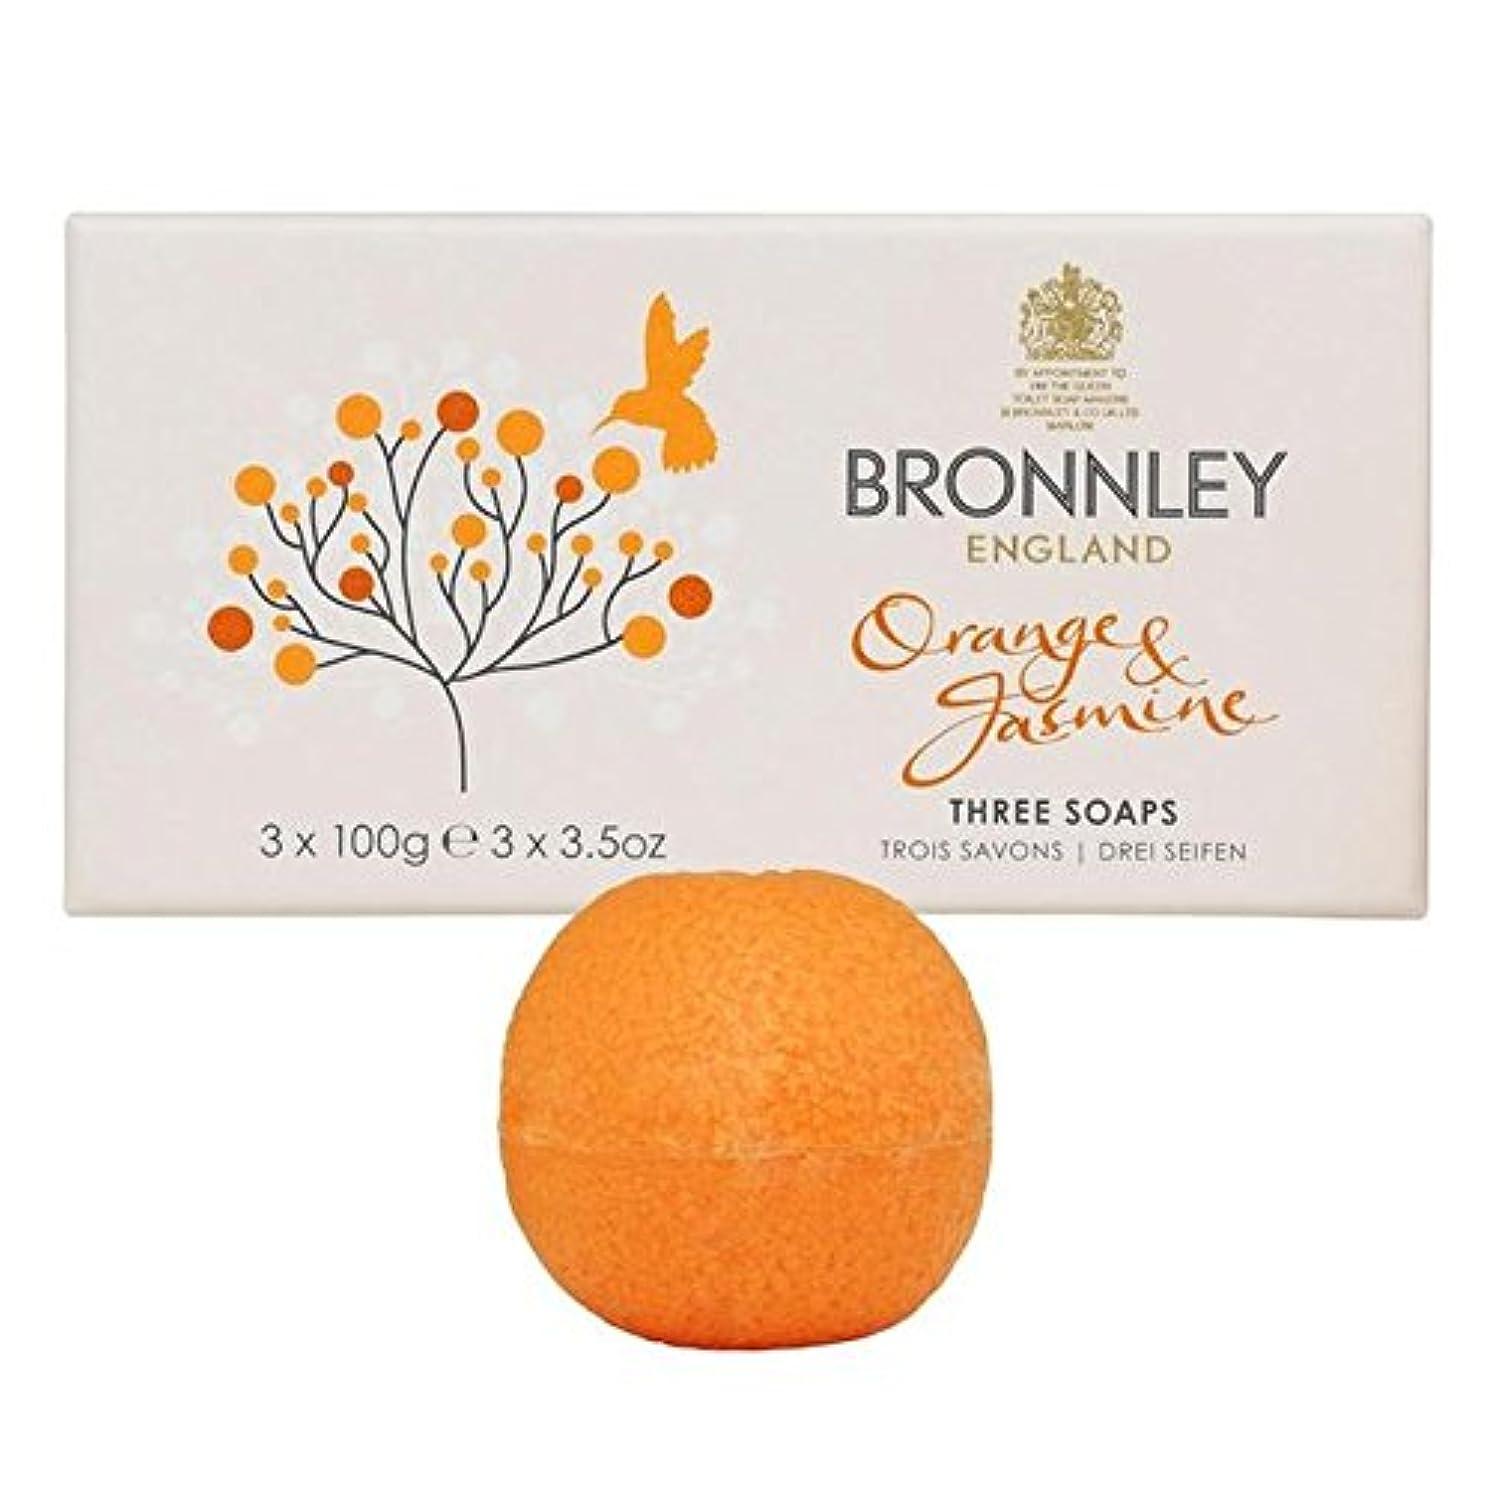 くぼみちょうつがいハイブリッドオレンジ&ジャスミン石鹸3×100グラム x2 - Bronnley Orange & Jasmine Soaps 3 x 100g (Pack of 2) [並行輸入品]